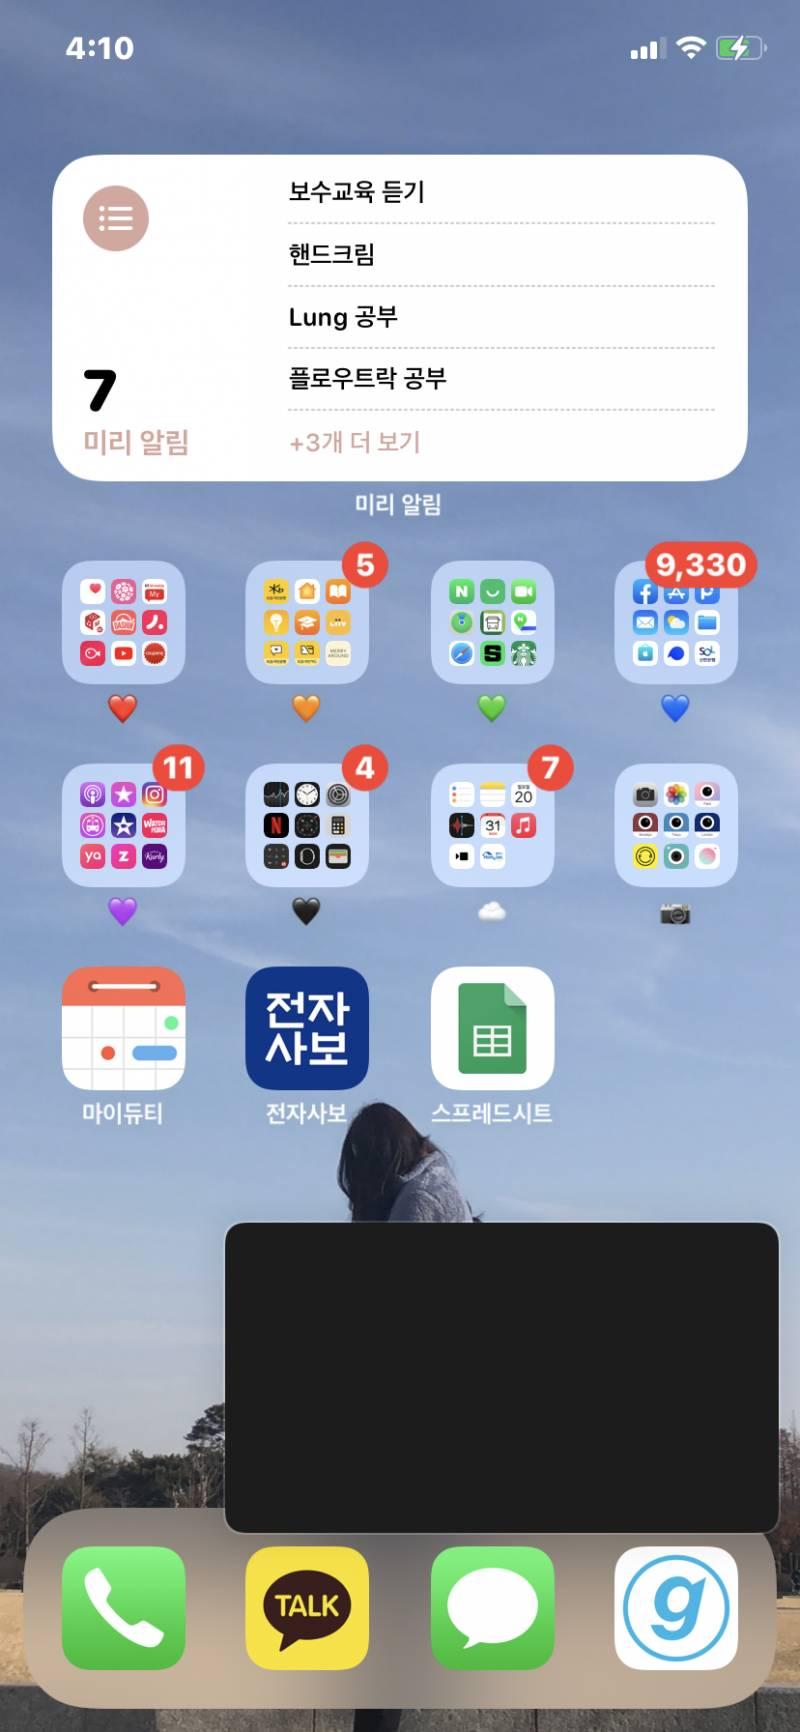 아이폰 업데이트 짱 좋다!! | 인스티즈